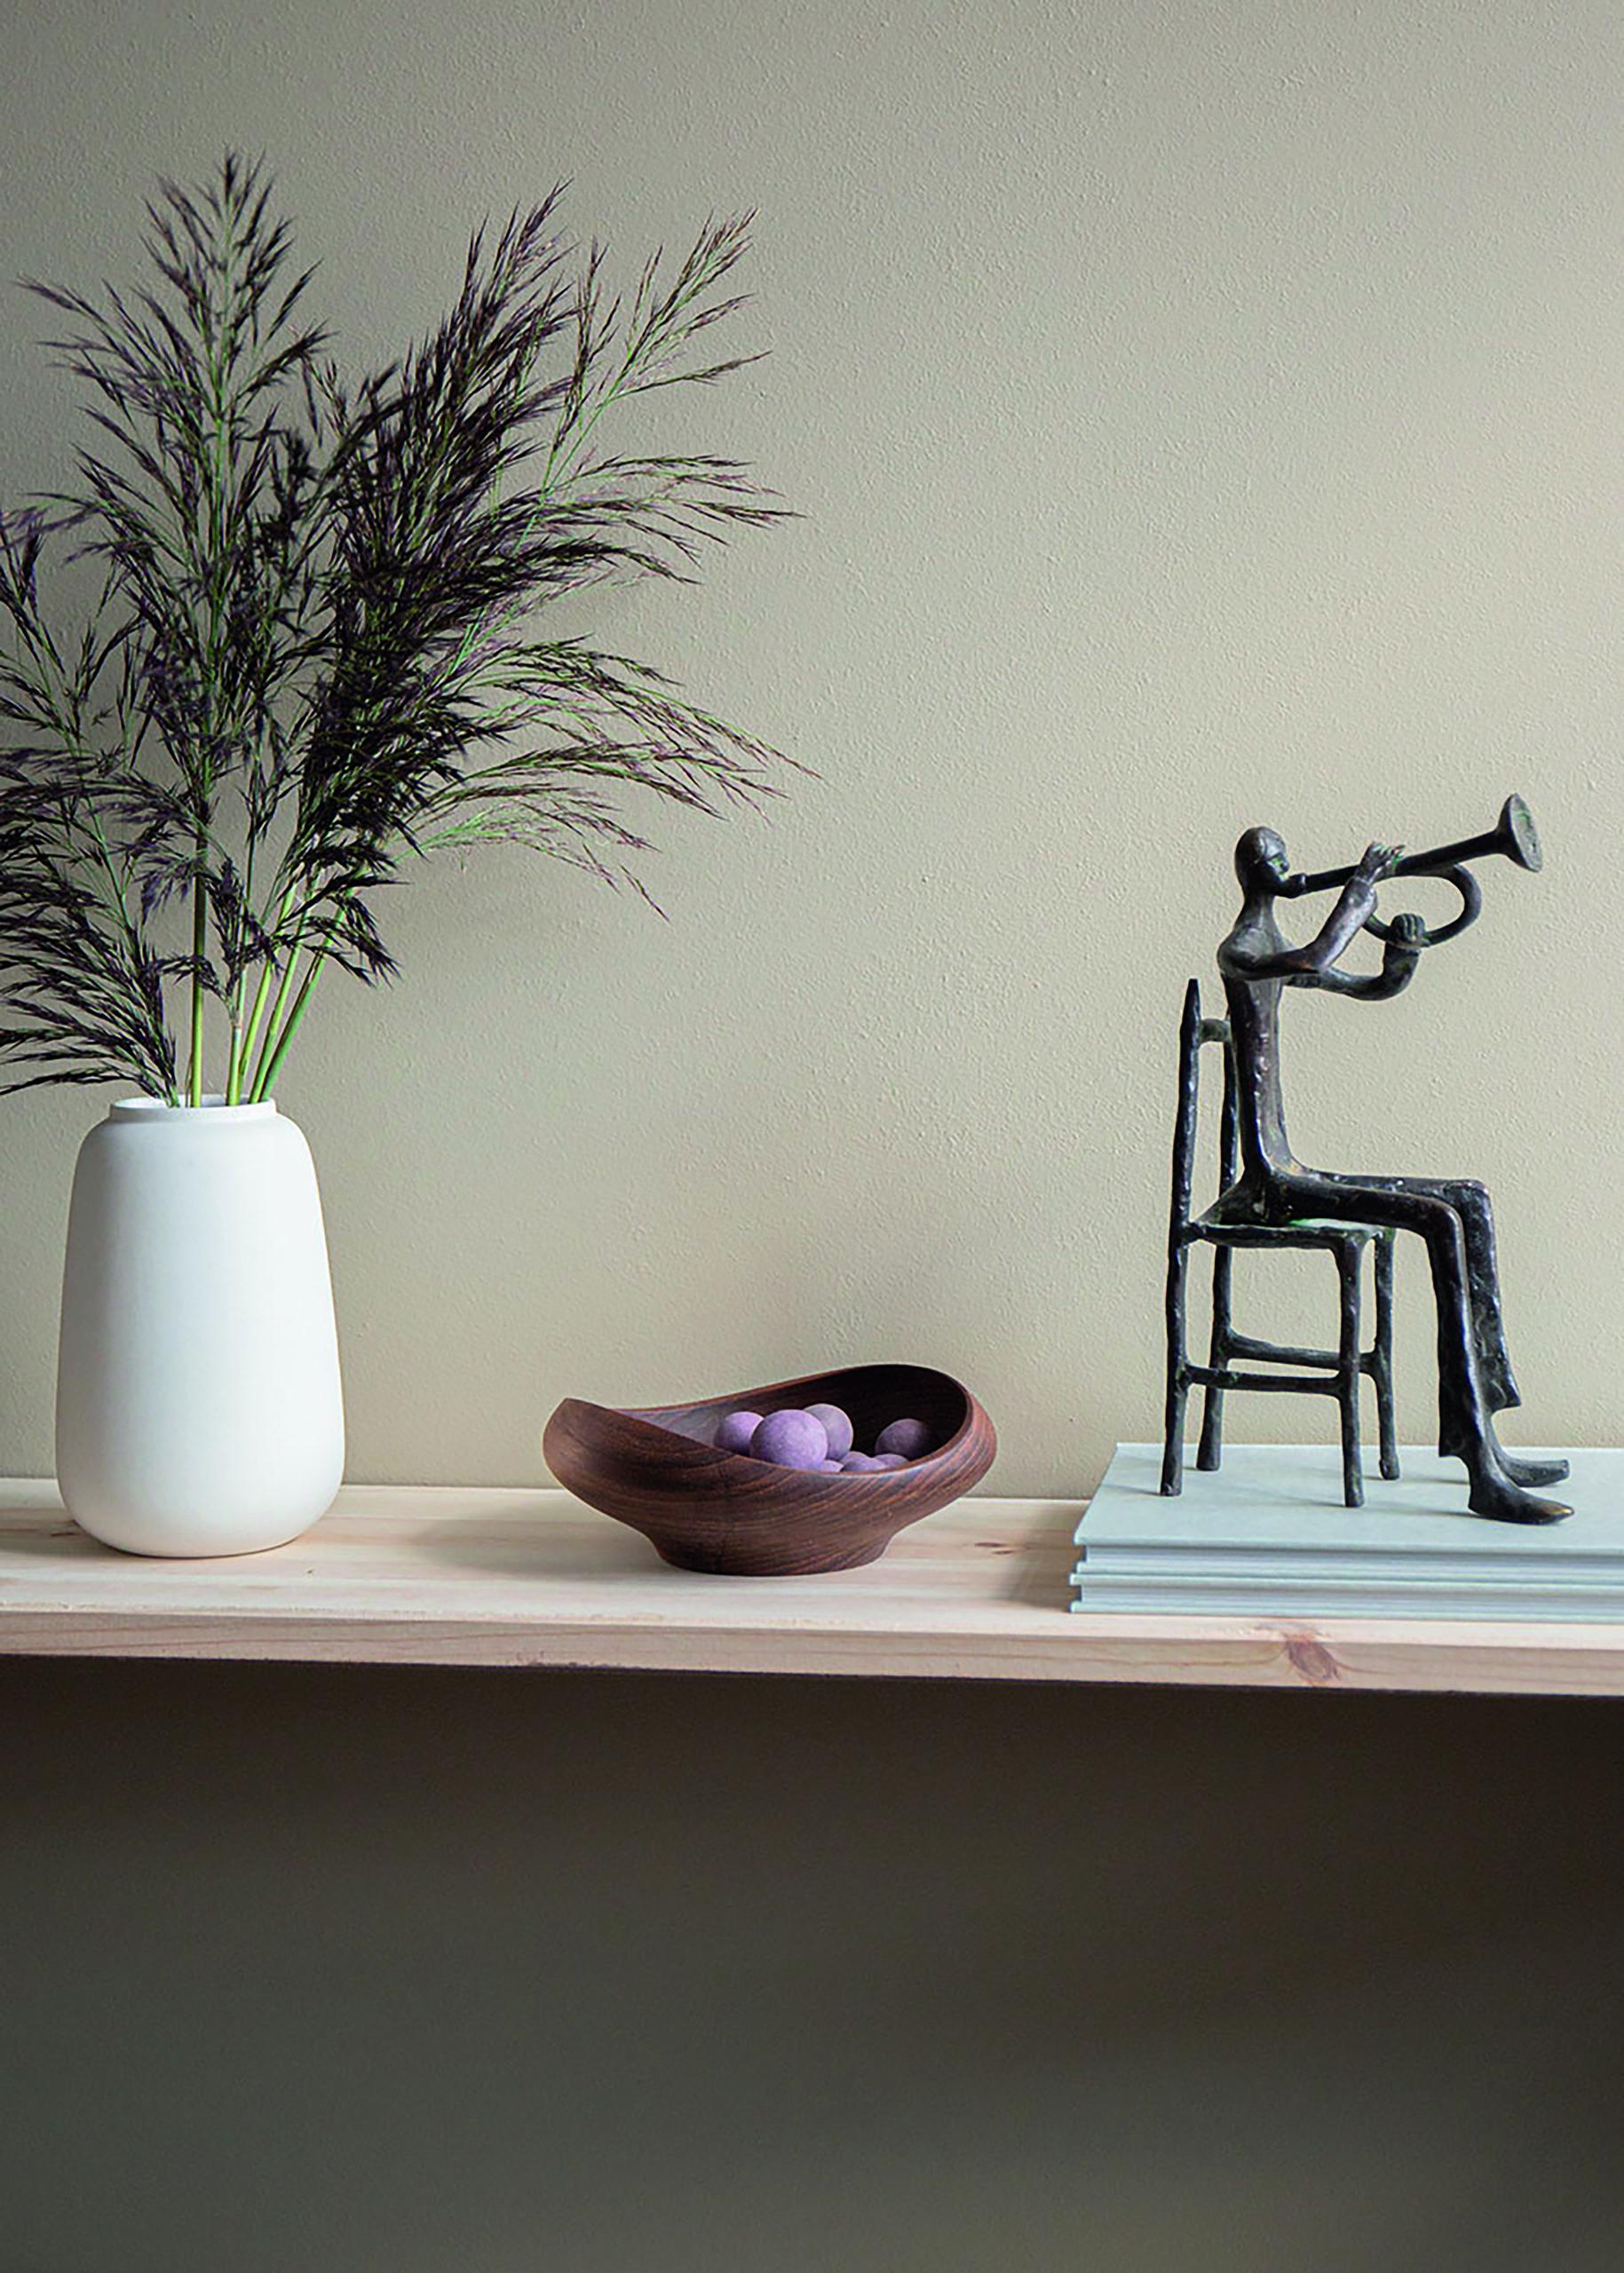 Architectmade-FJ-Bowl-15-Teak-Wood-Denmark-Finn-Juhl-5